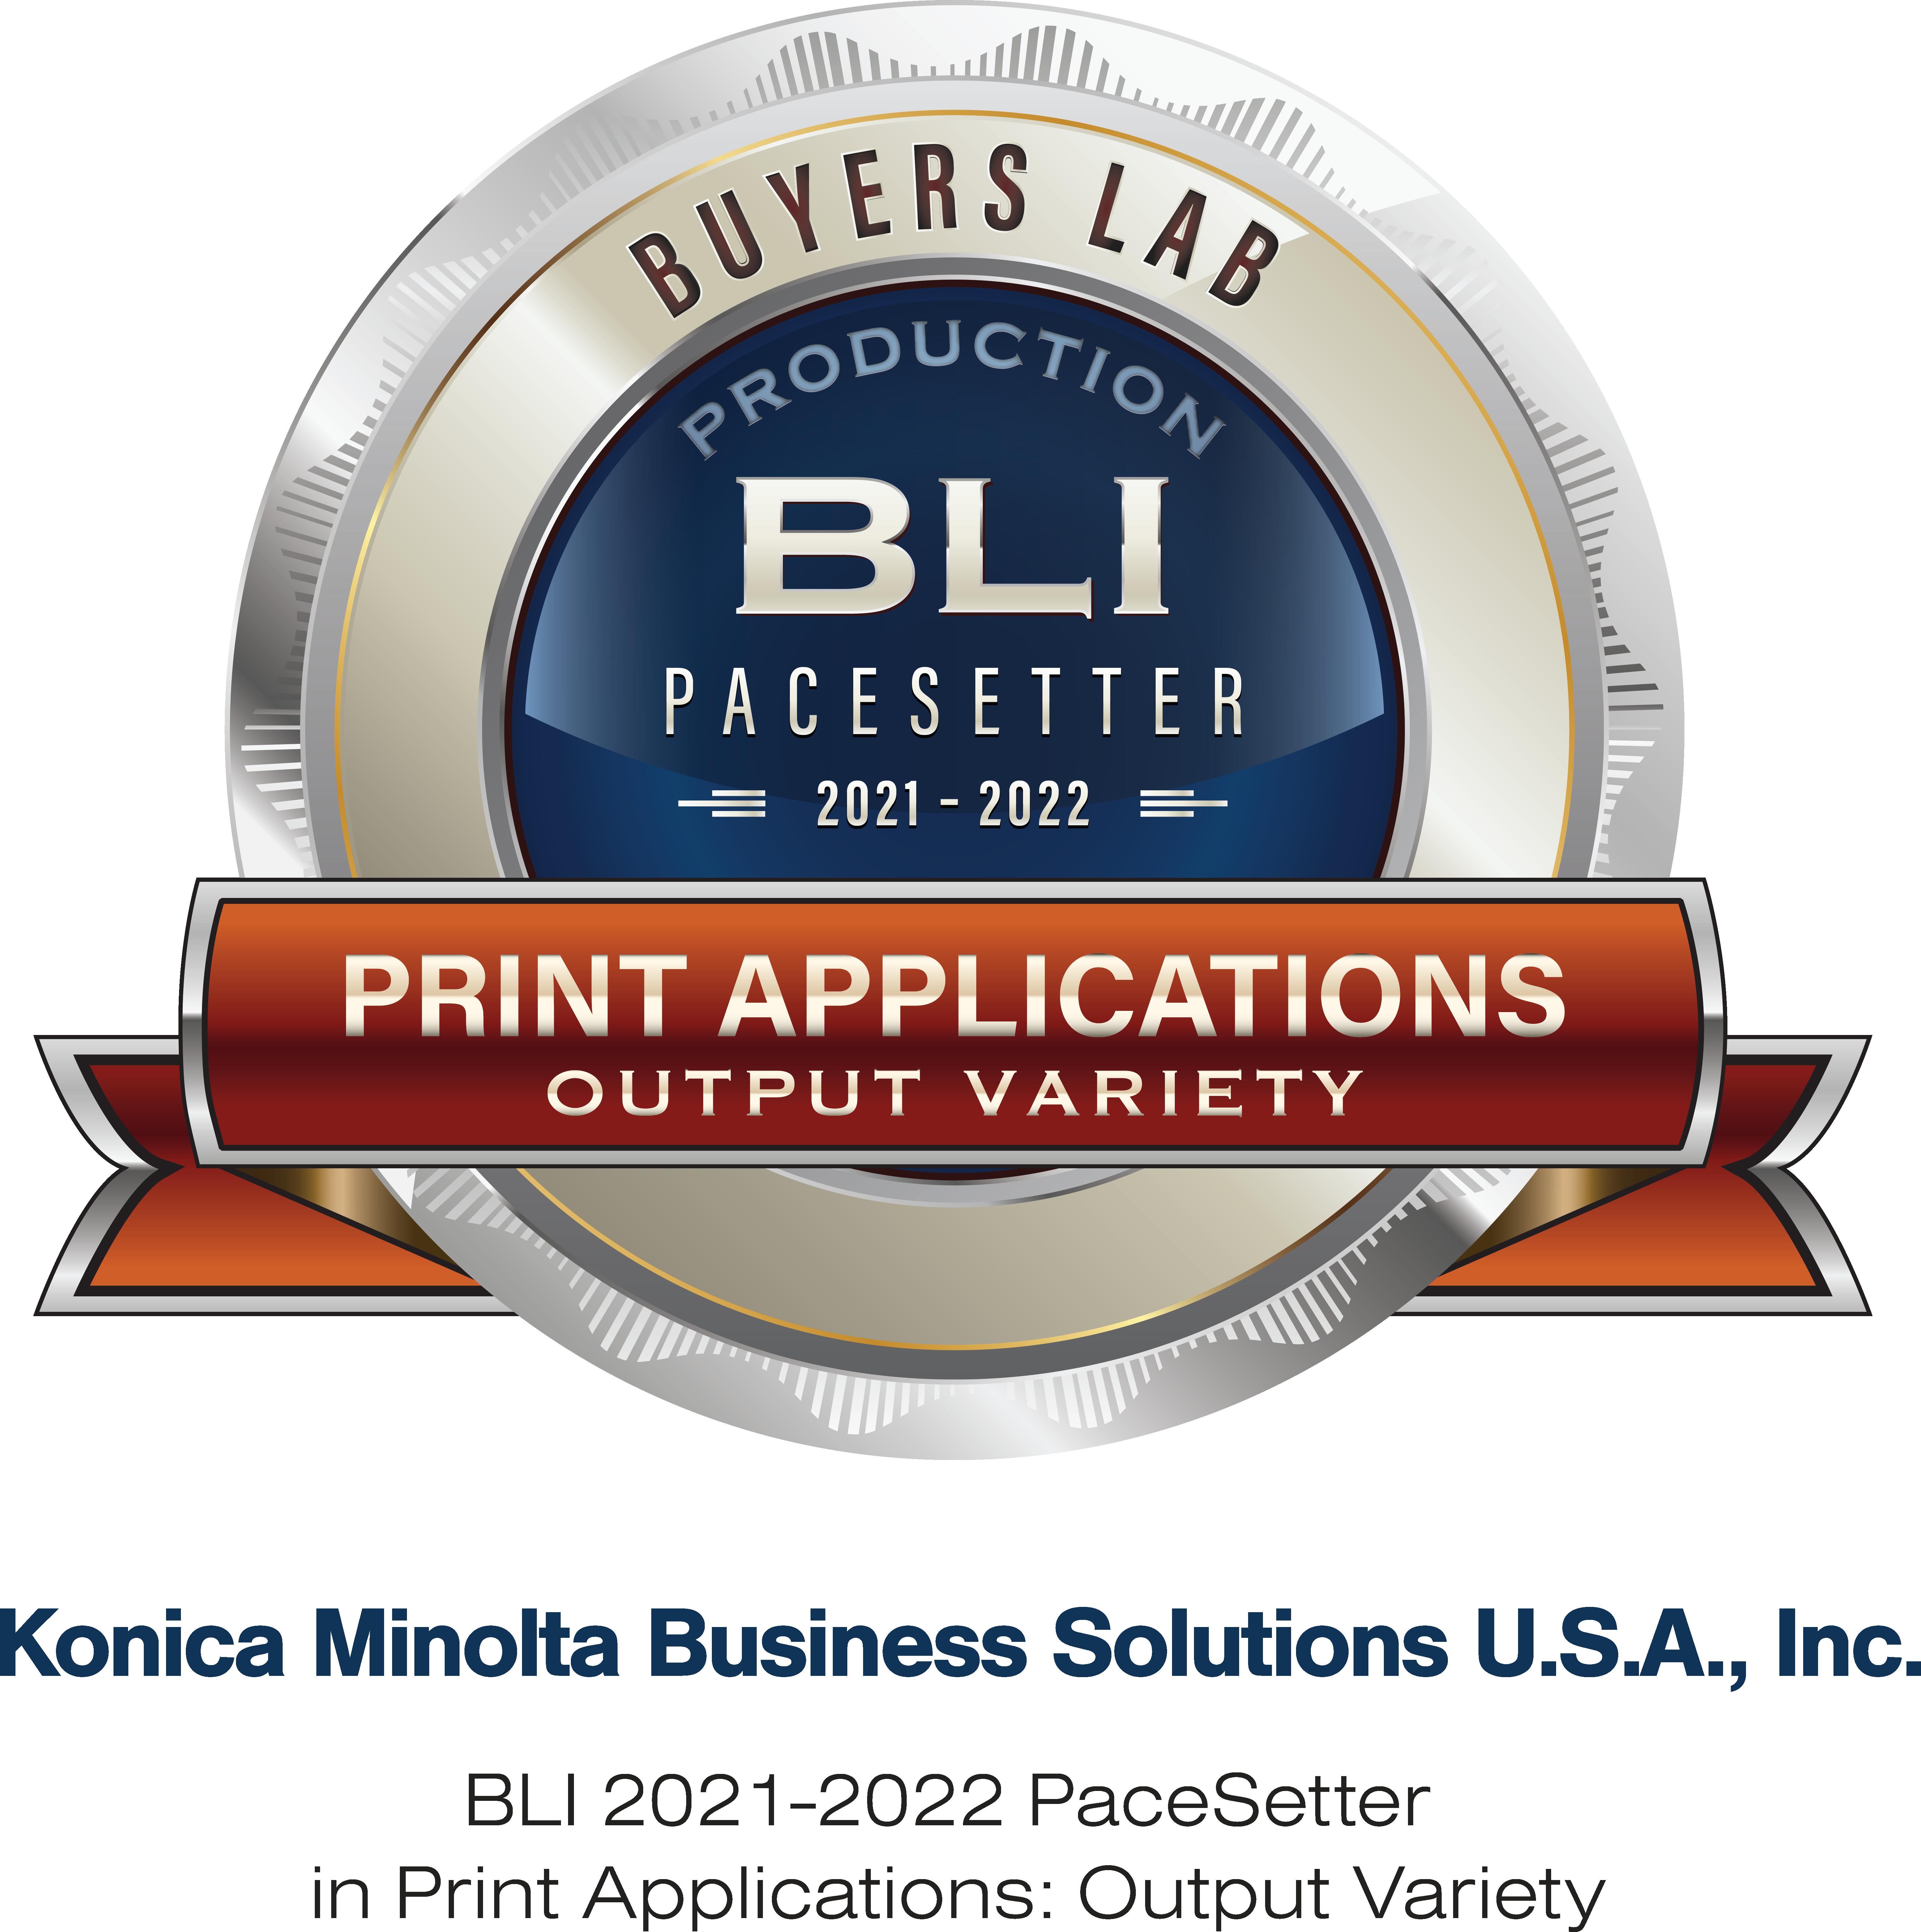 AccurioJet KM-1e premiat cu distincția Buyers Lab (BLI) 2021-2022 PaceSetter